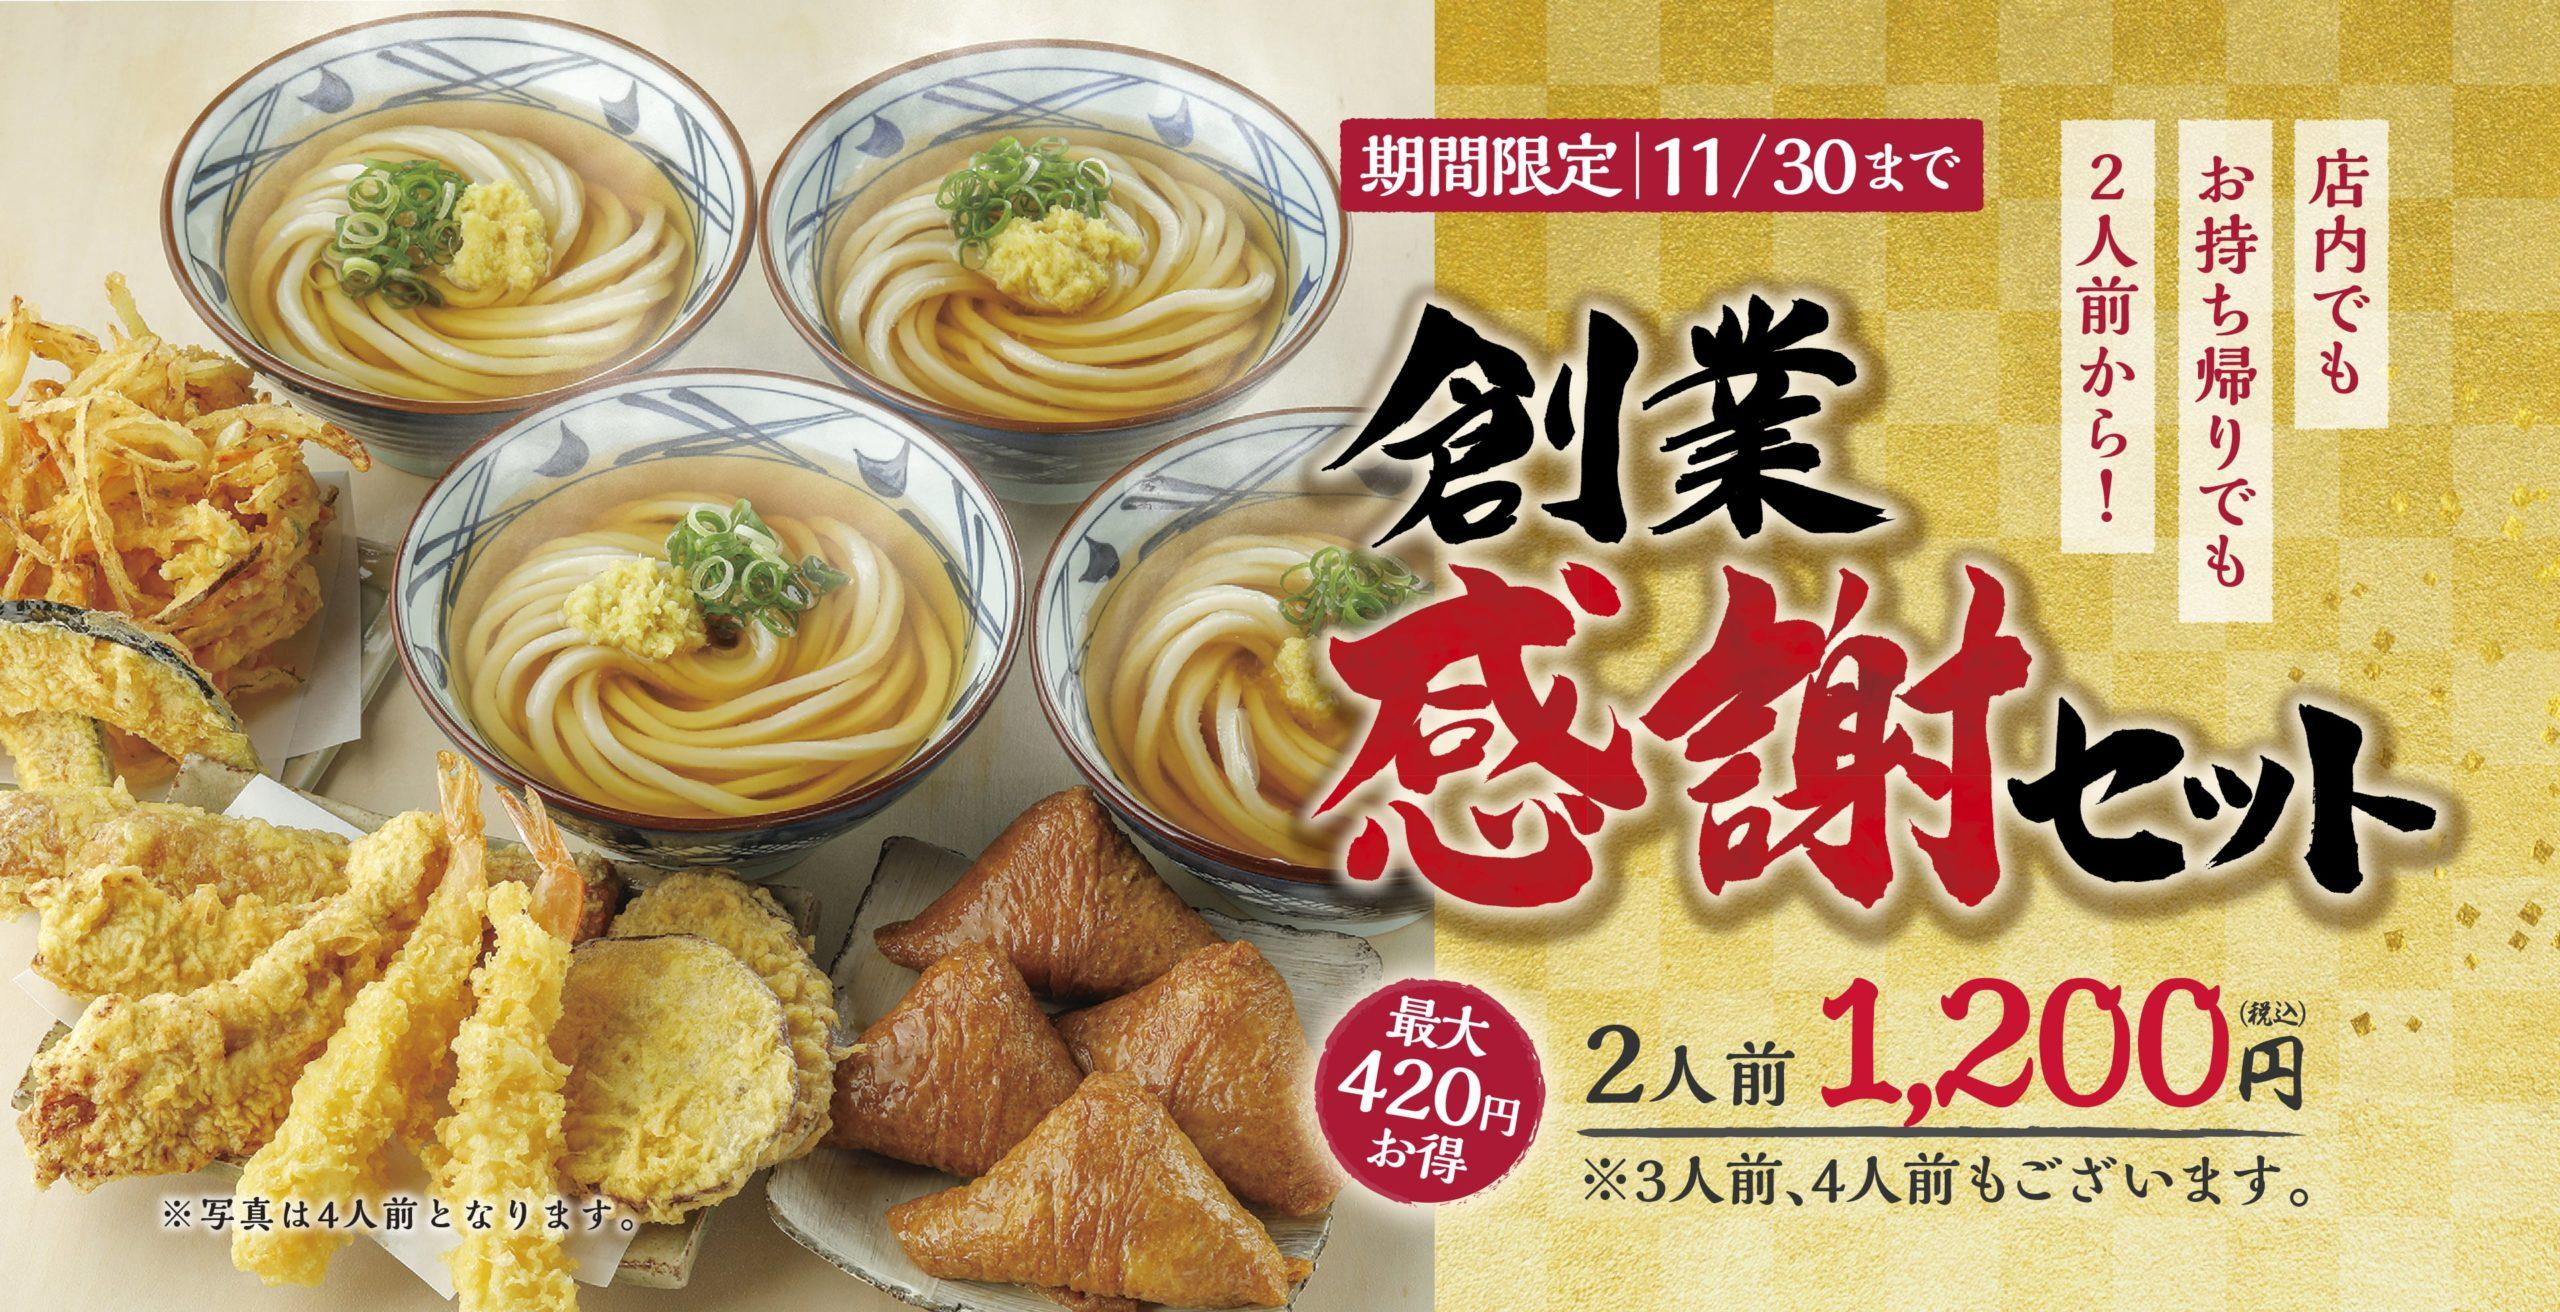 丸亀製麺で創業感謝セット、2人前1200円で天ぷら付きで420円お得。~11/30。